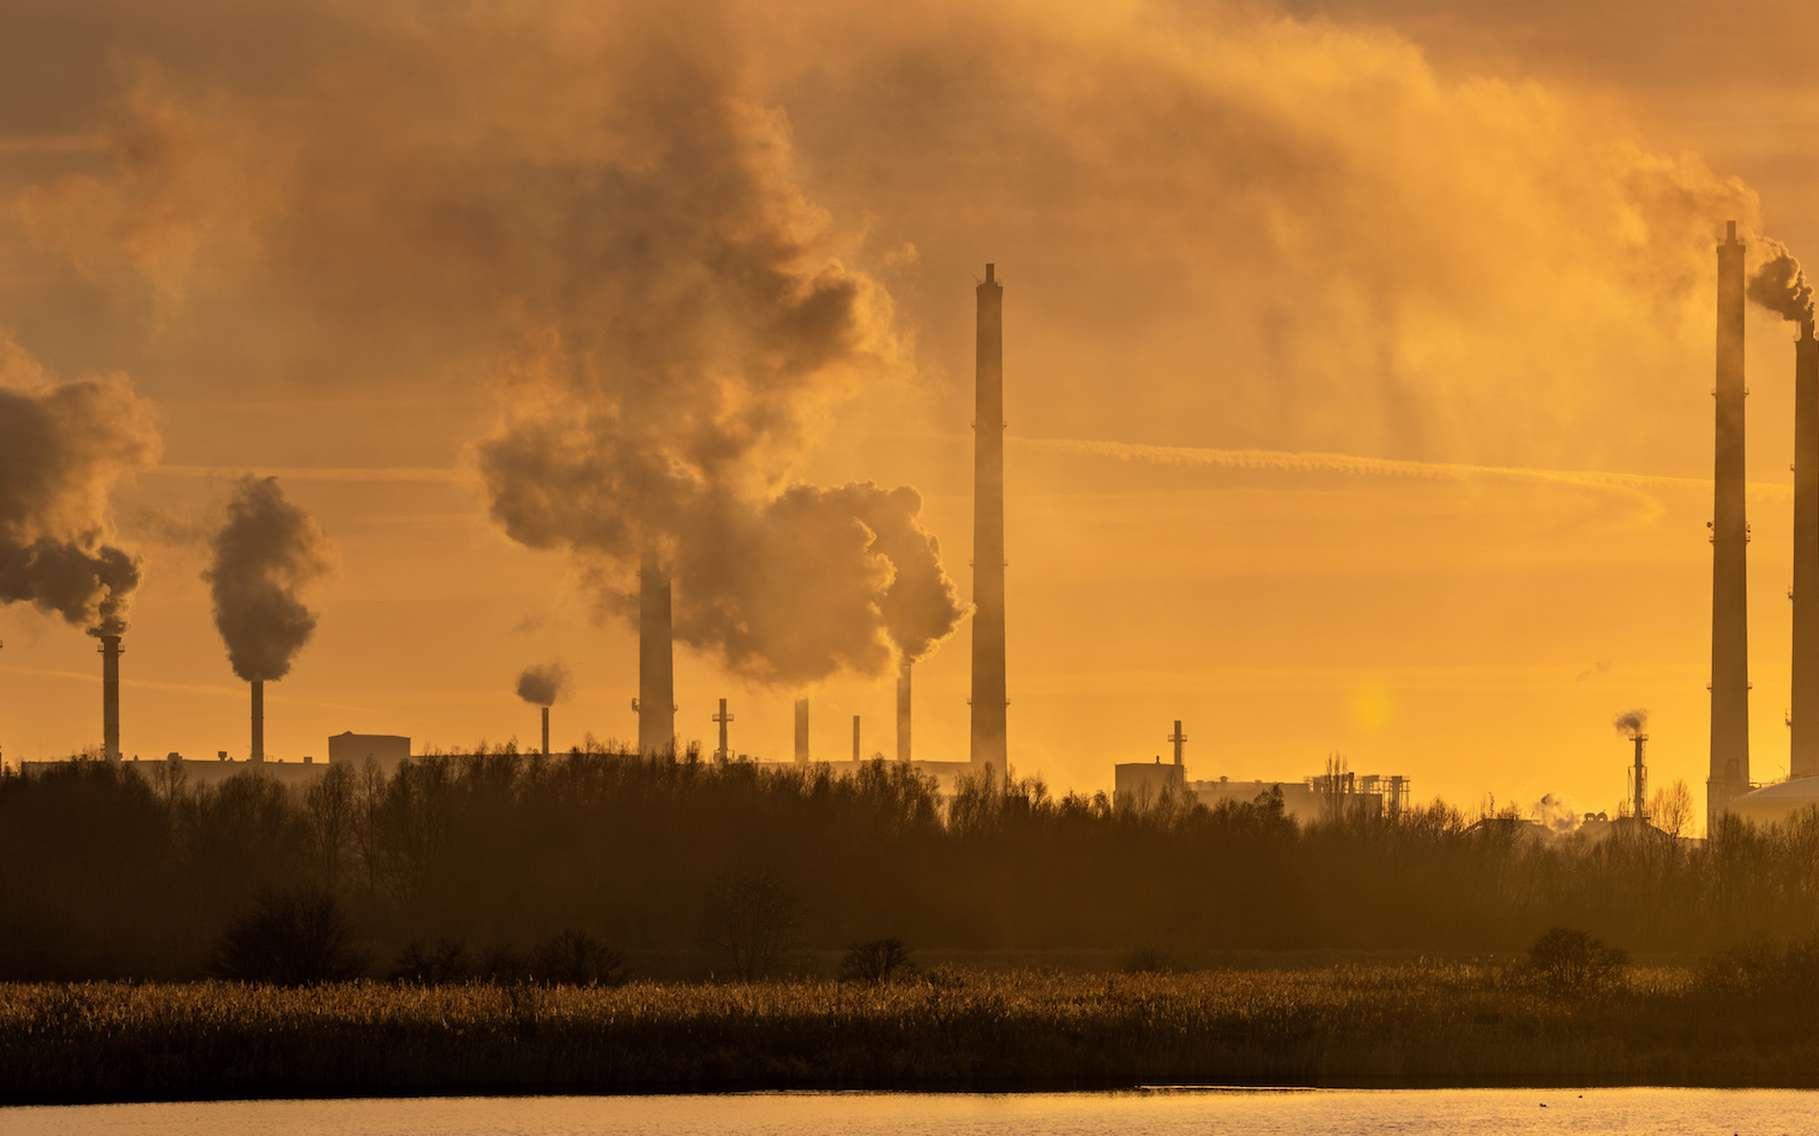 Depuis plus de 20 ans, nous émettons des gaz à effet de serre vers l'atmosphère de notre Terre. Jusqu'où irons-nous ? © Mike Mareen, Adobe Stock